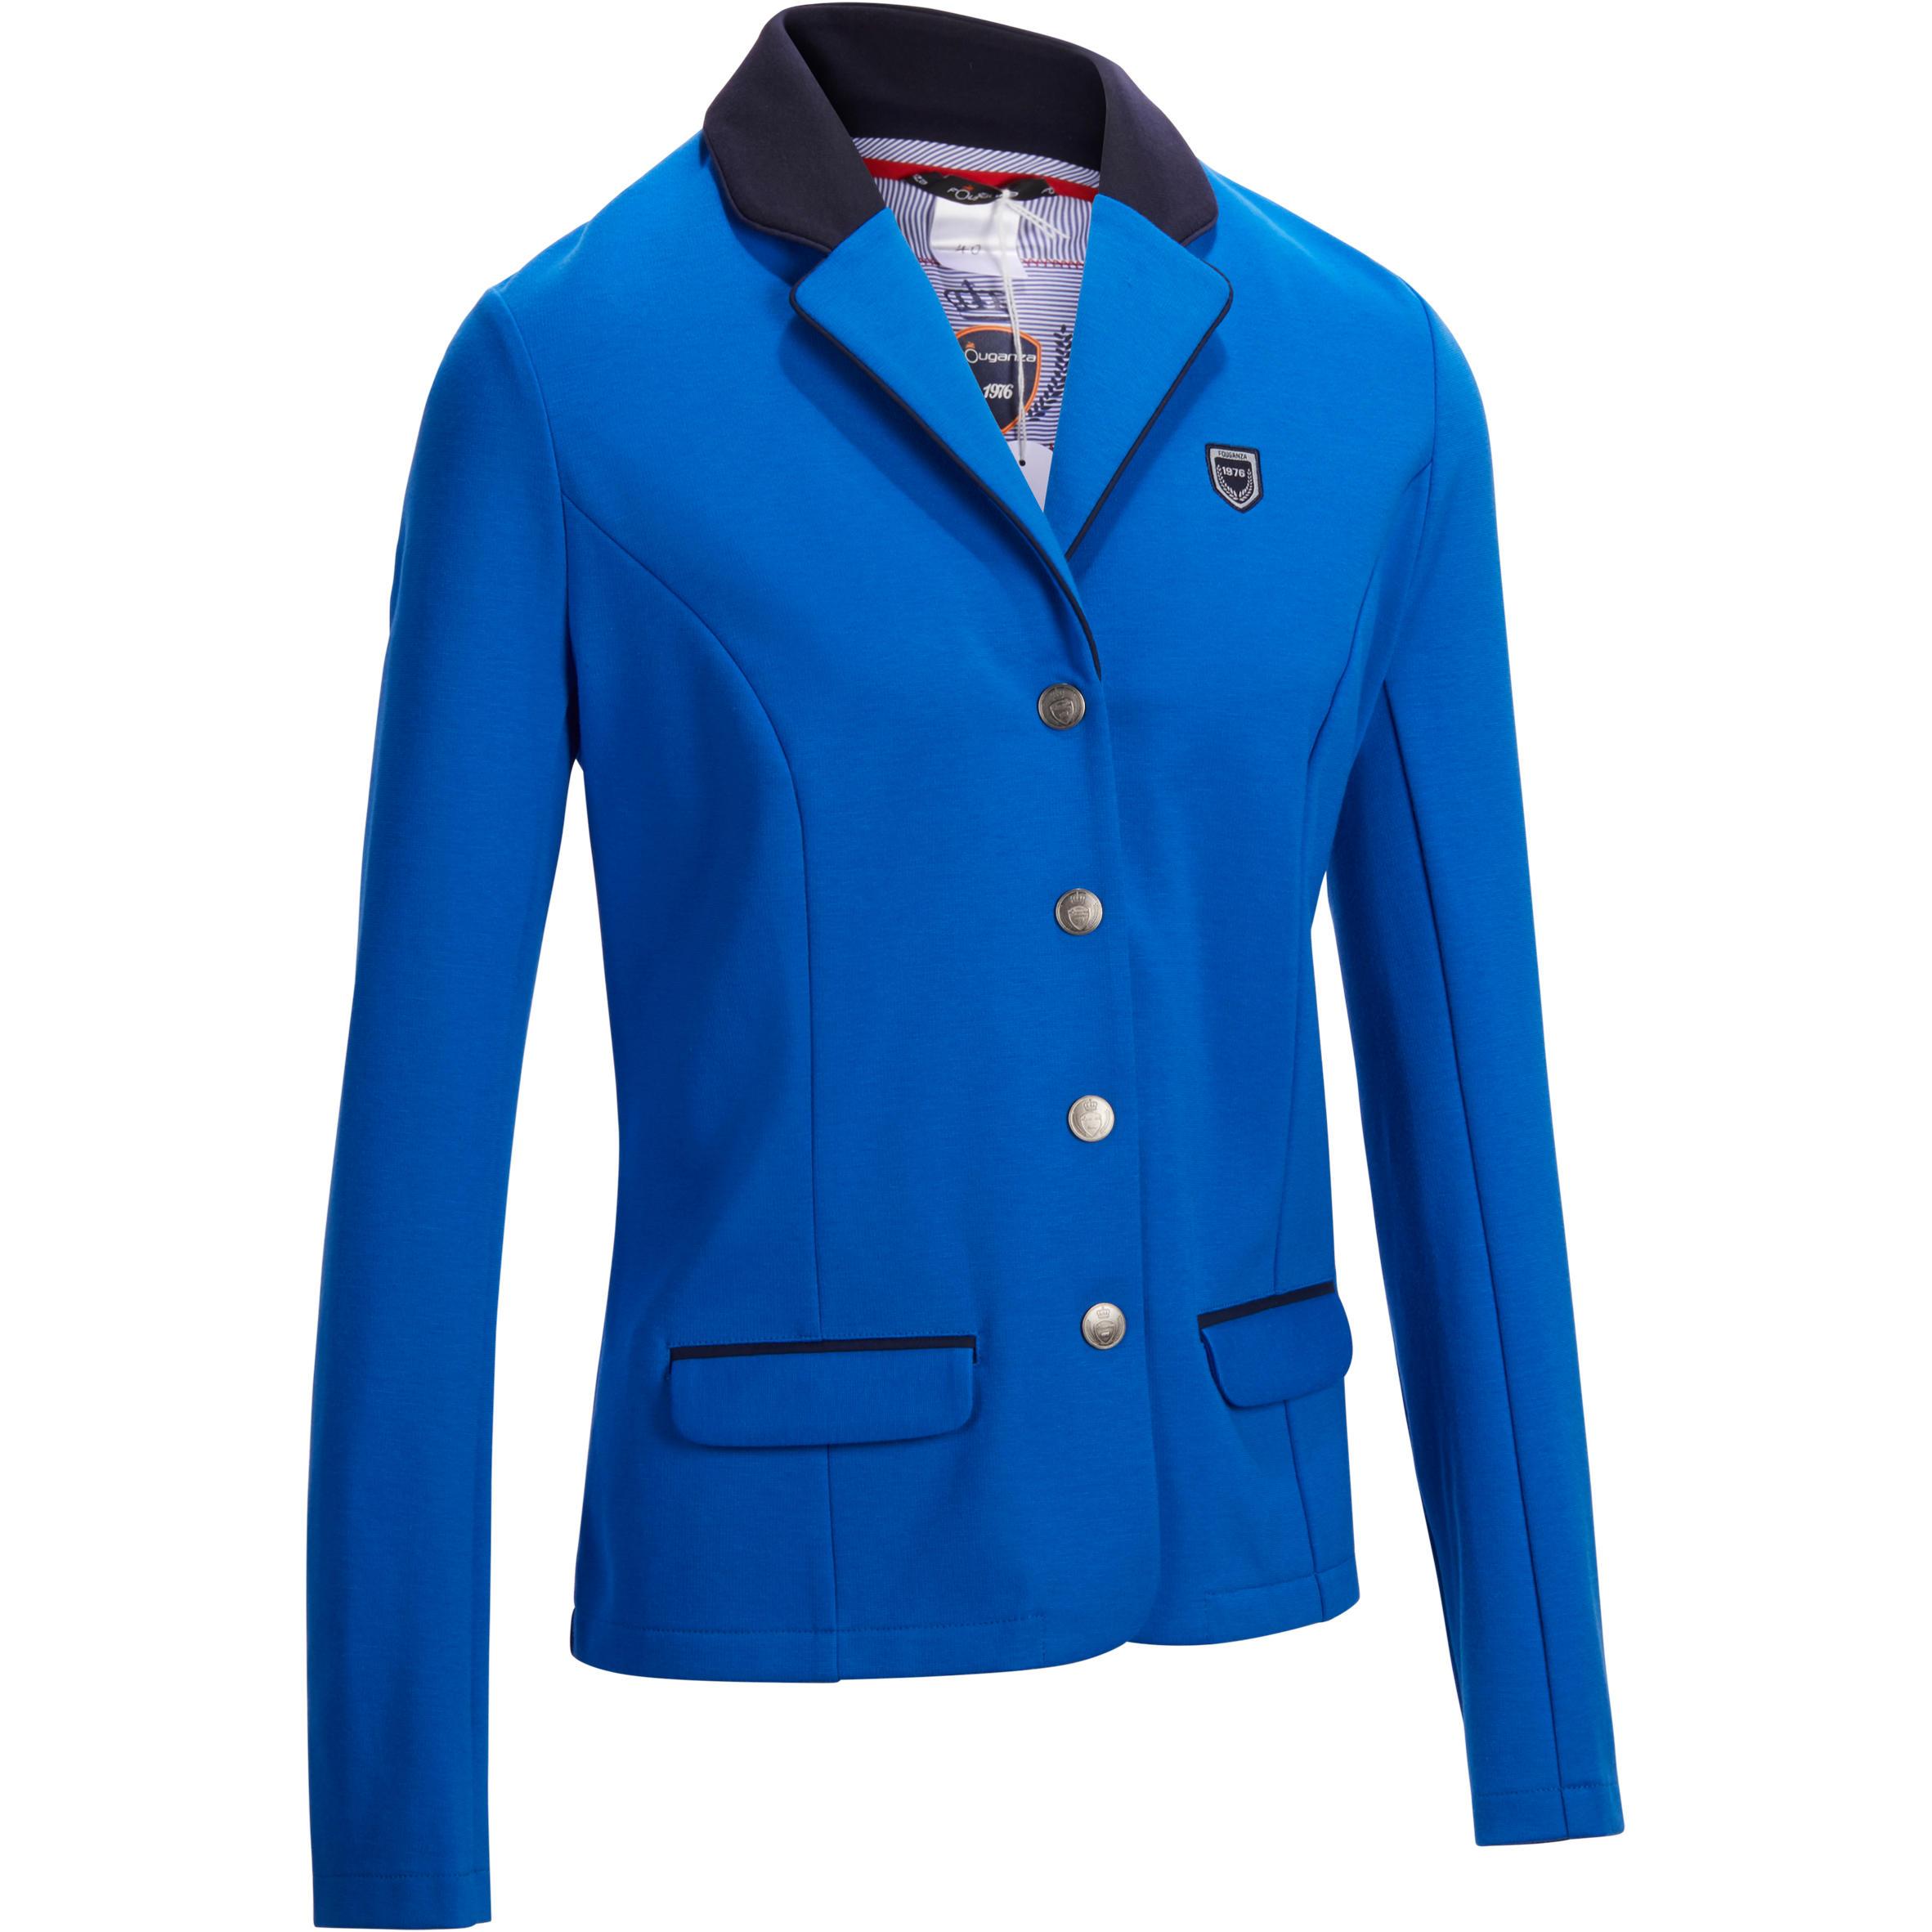 Veste courte femme habillee bleu marine